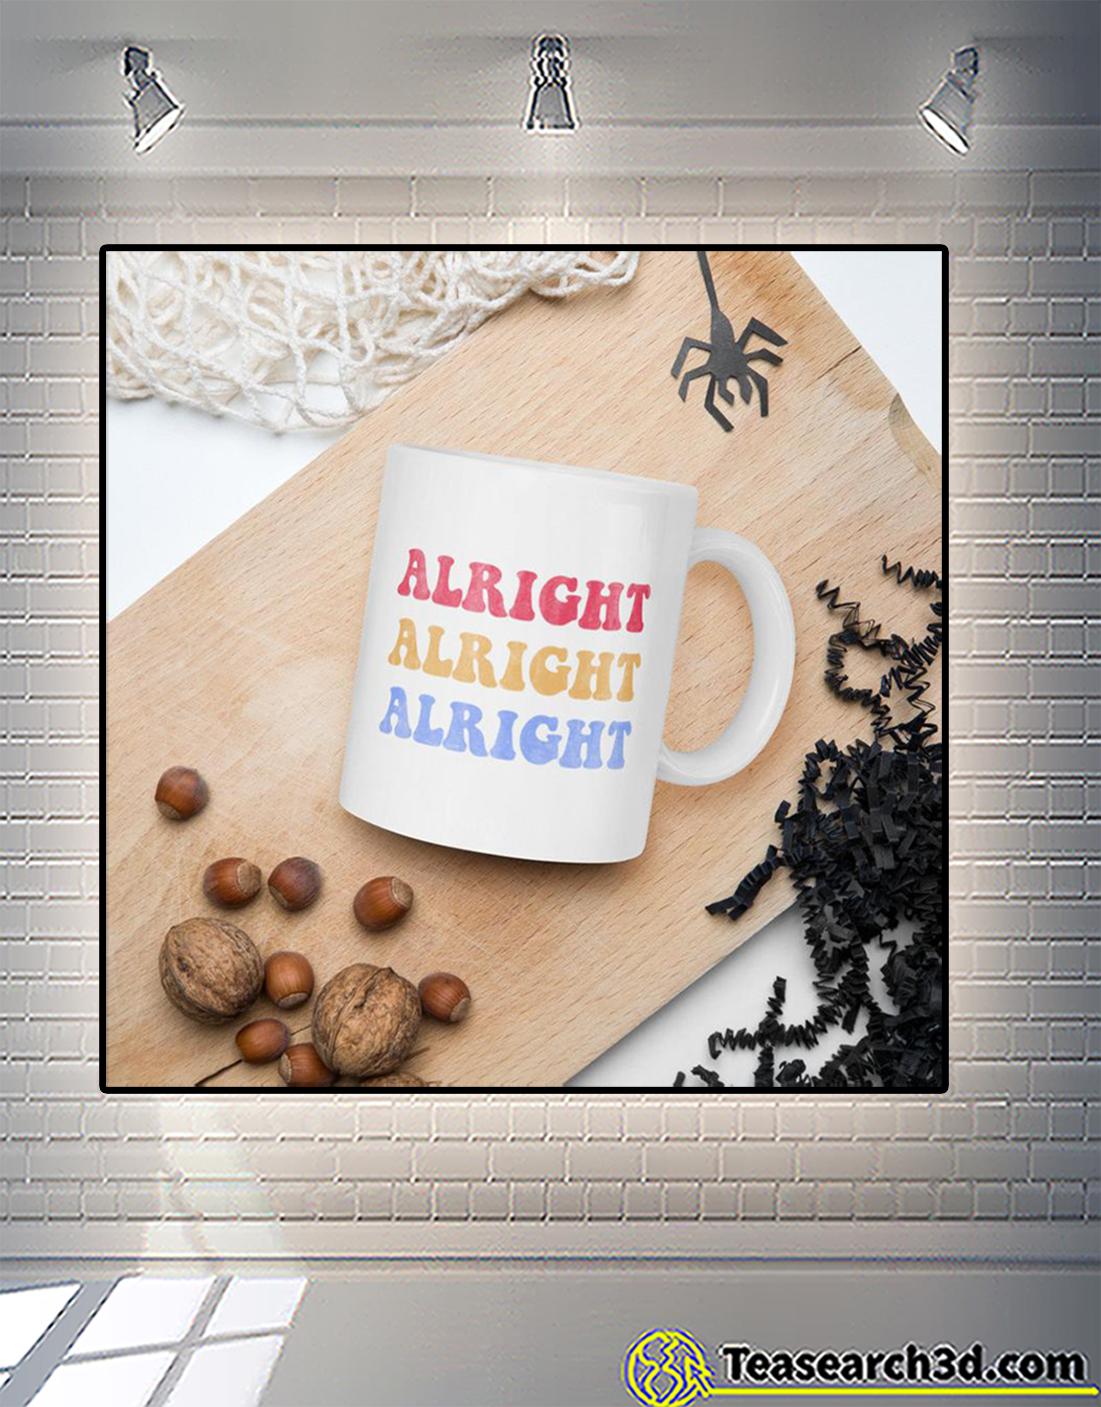 Alright alright alright mug 2